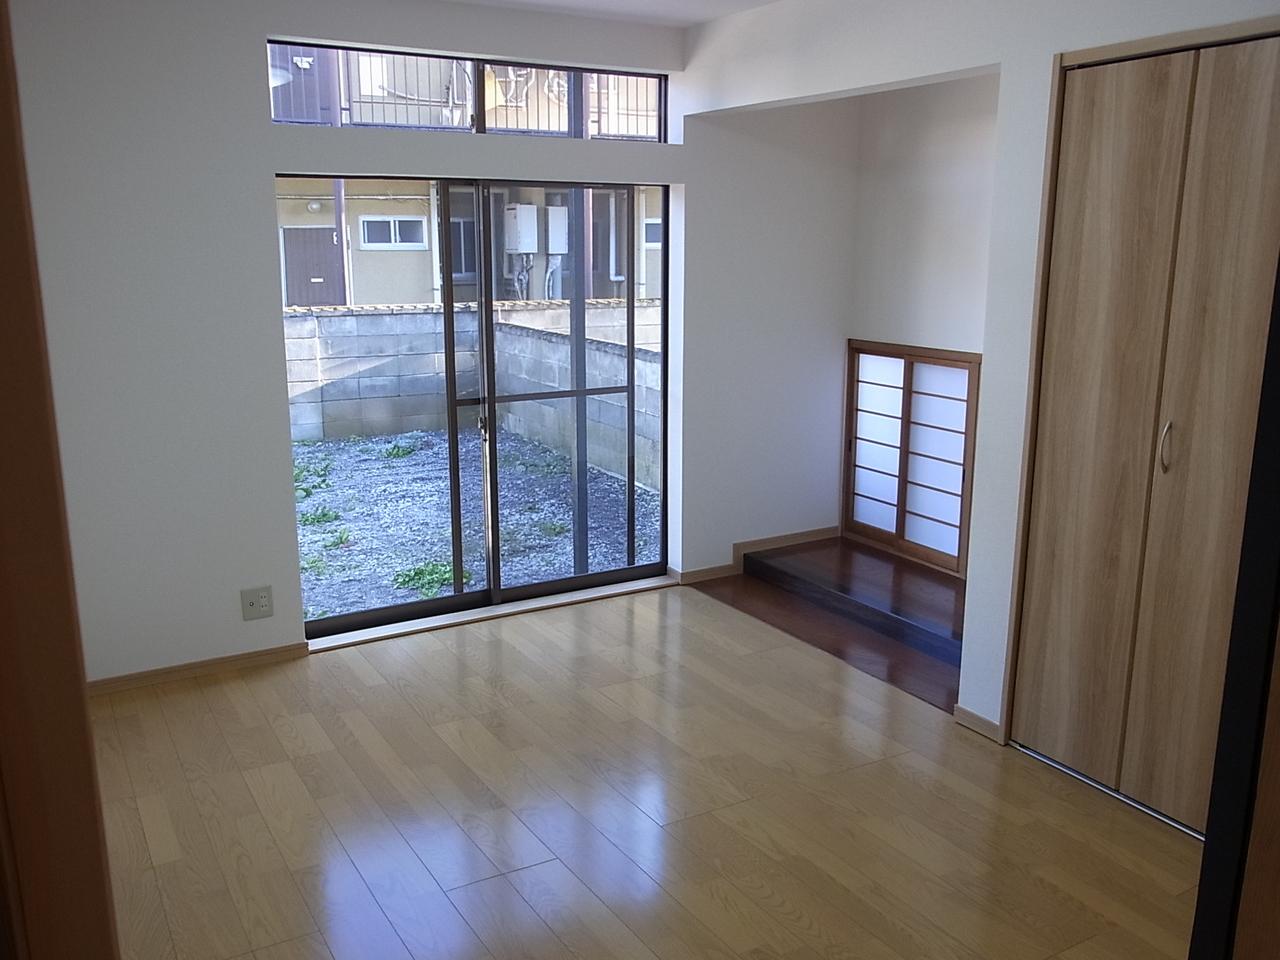 和室をリフォームして洋室に変わり、仏間だったスペースもインテリア次第でカフェのようなオシャレな空間にできそうですね!